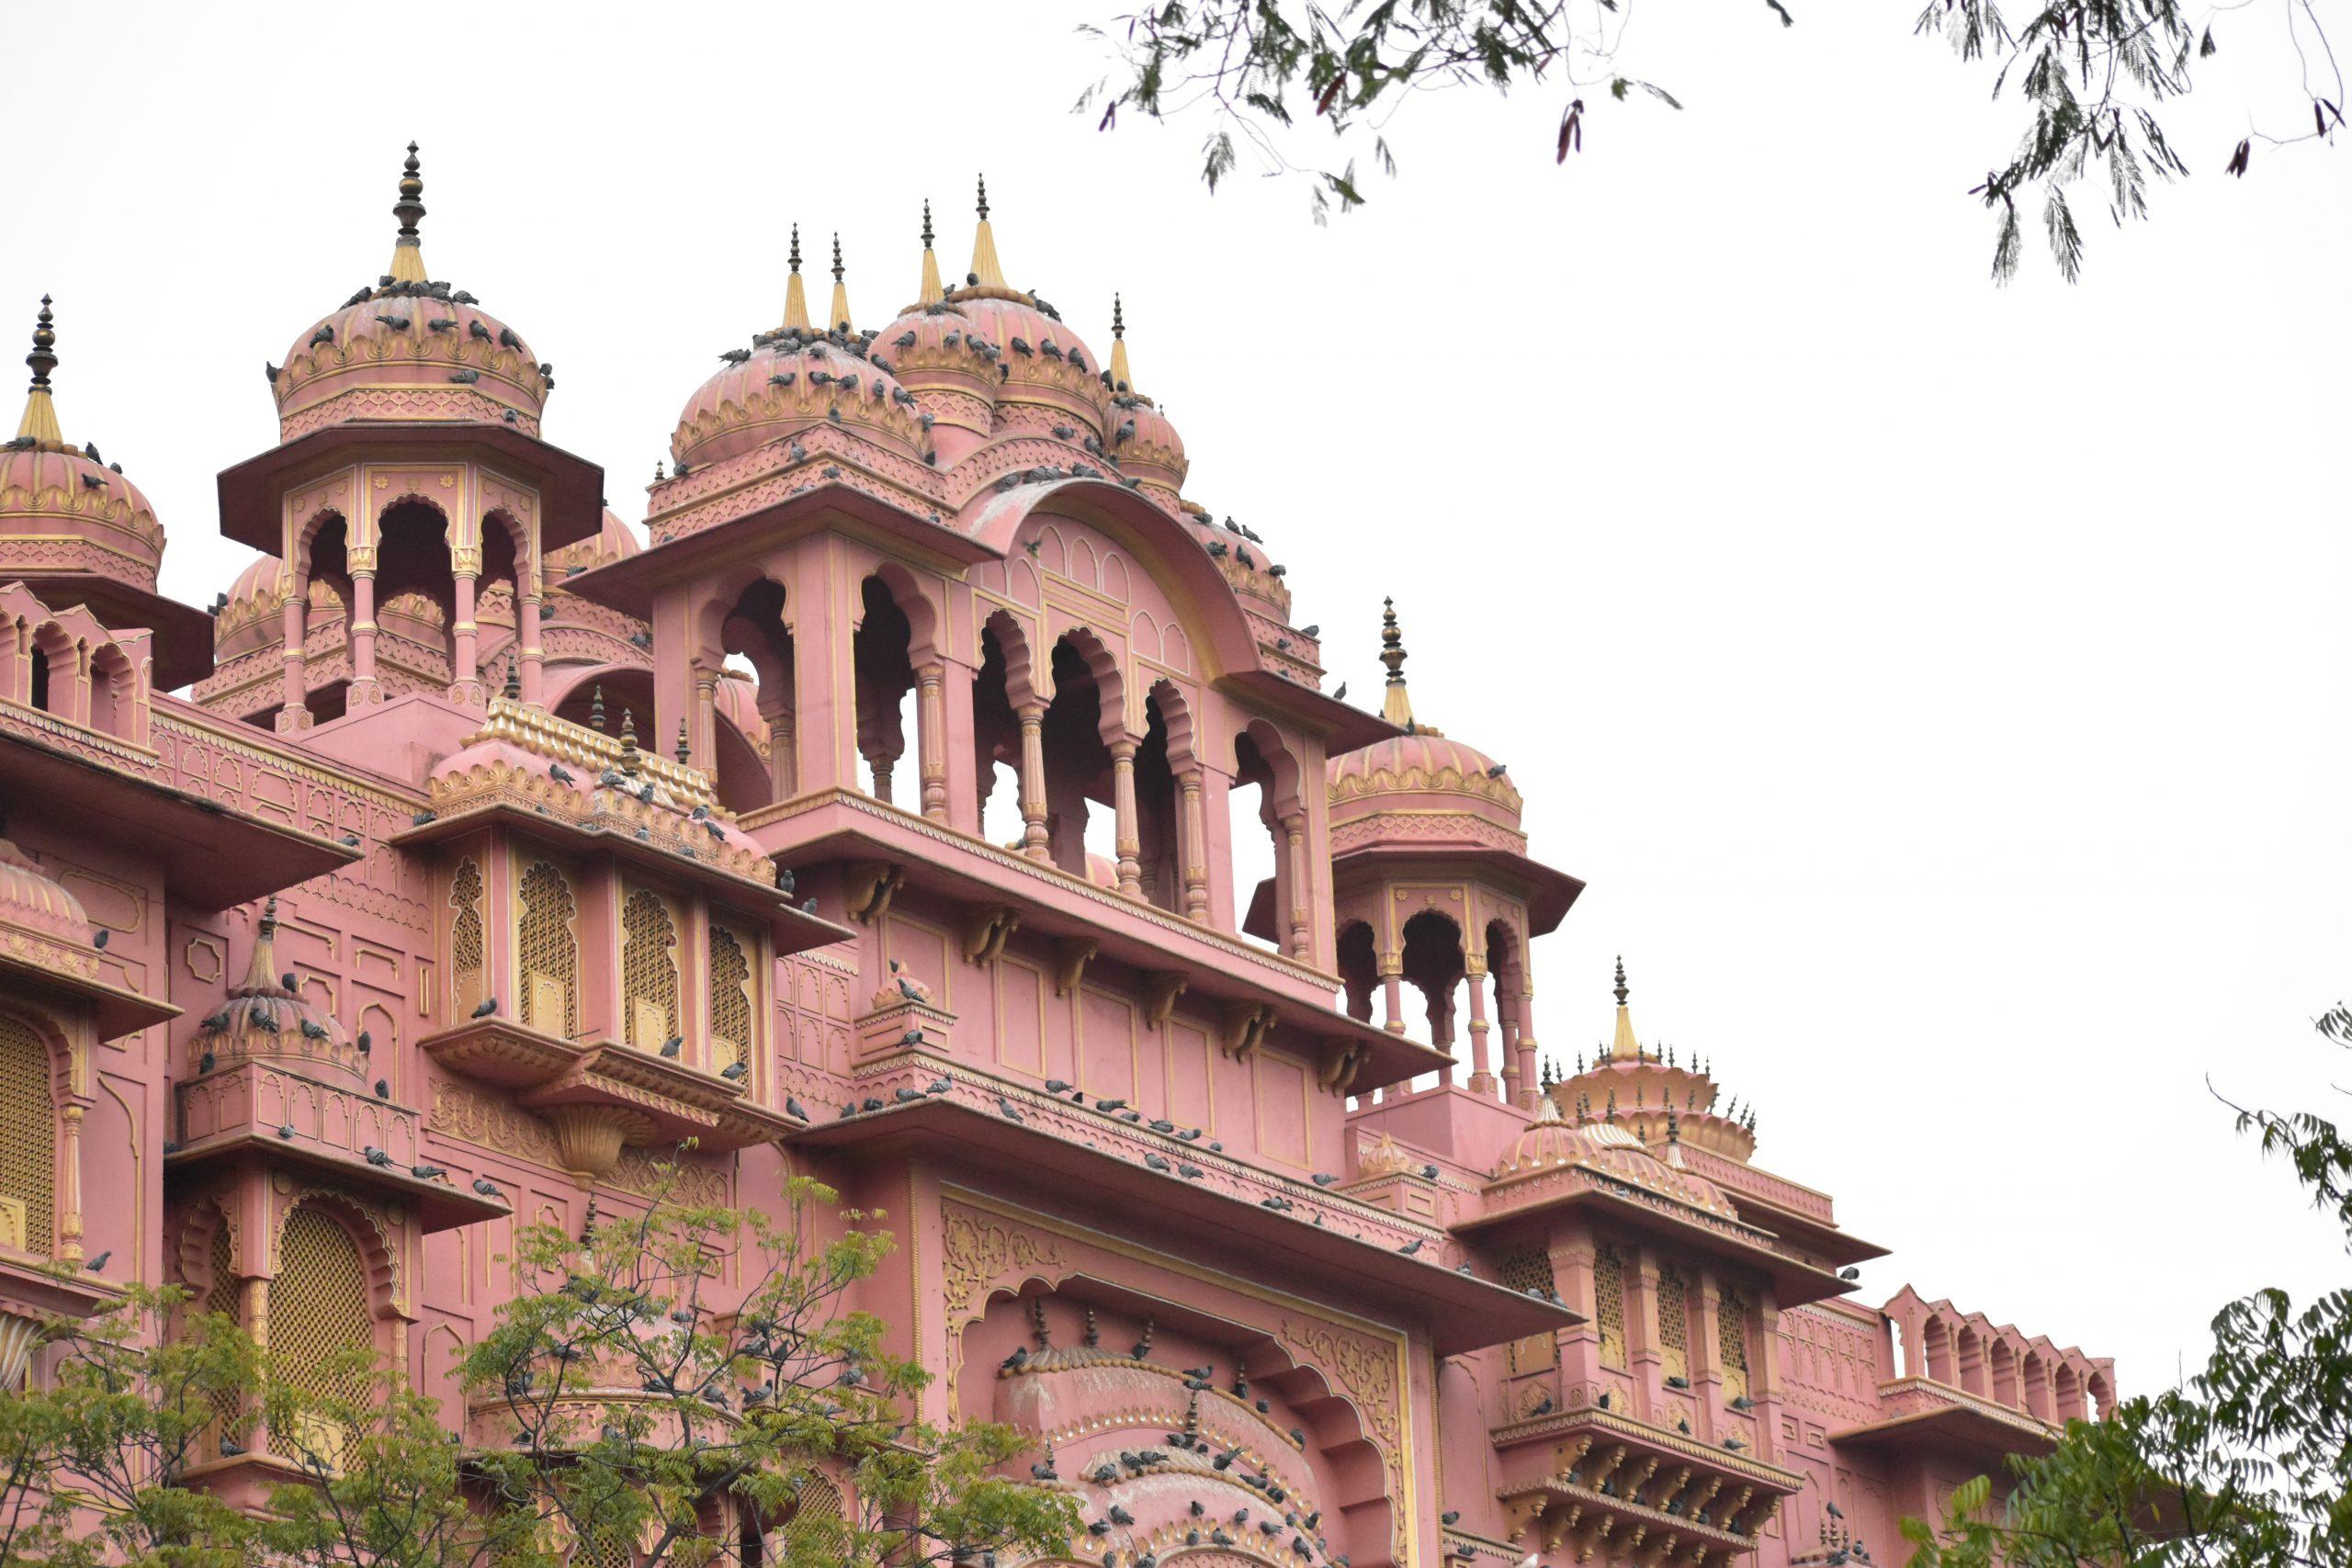 Patrika gate in Jaipur